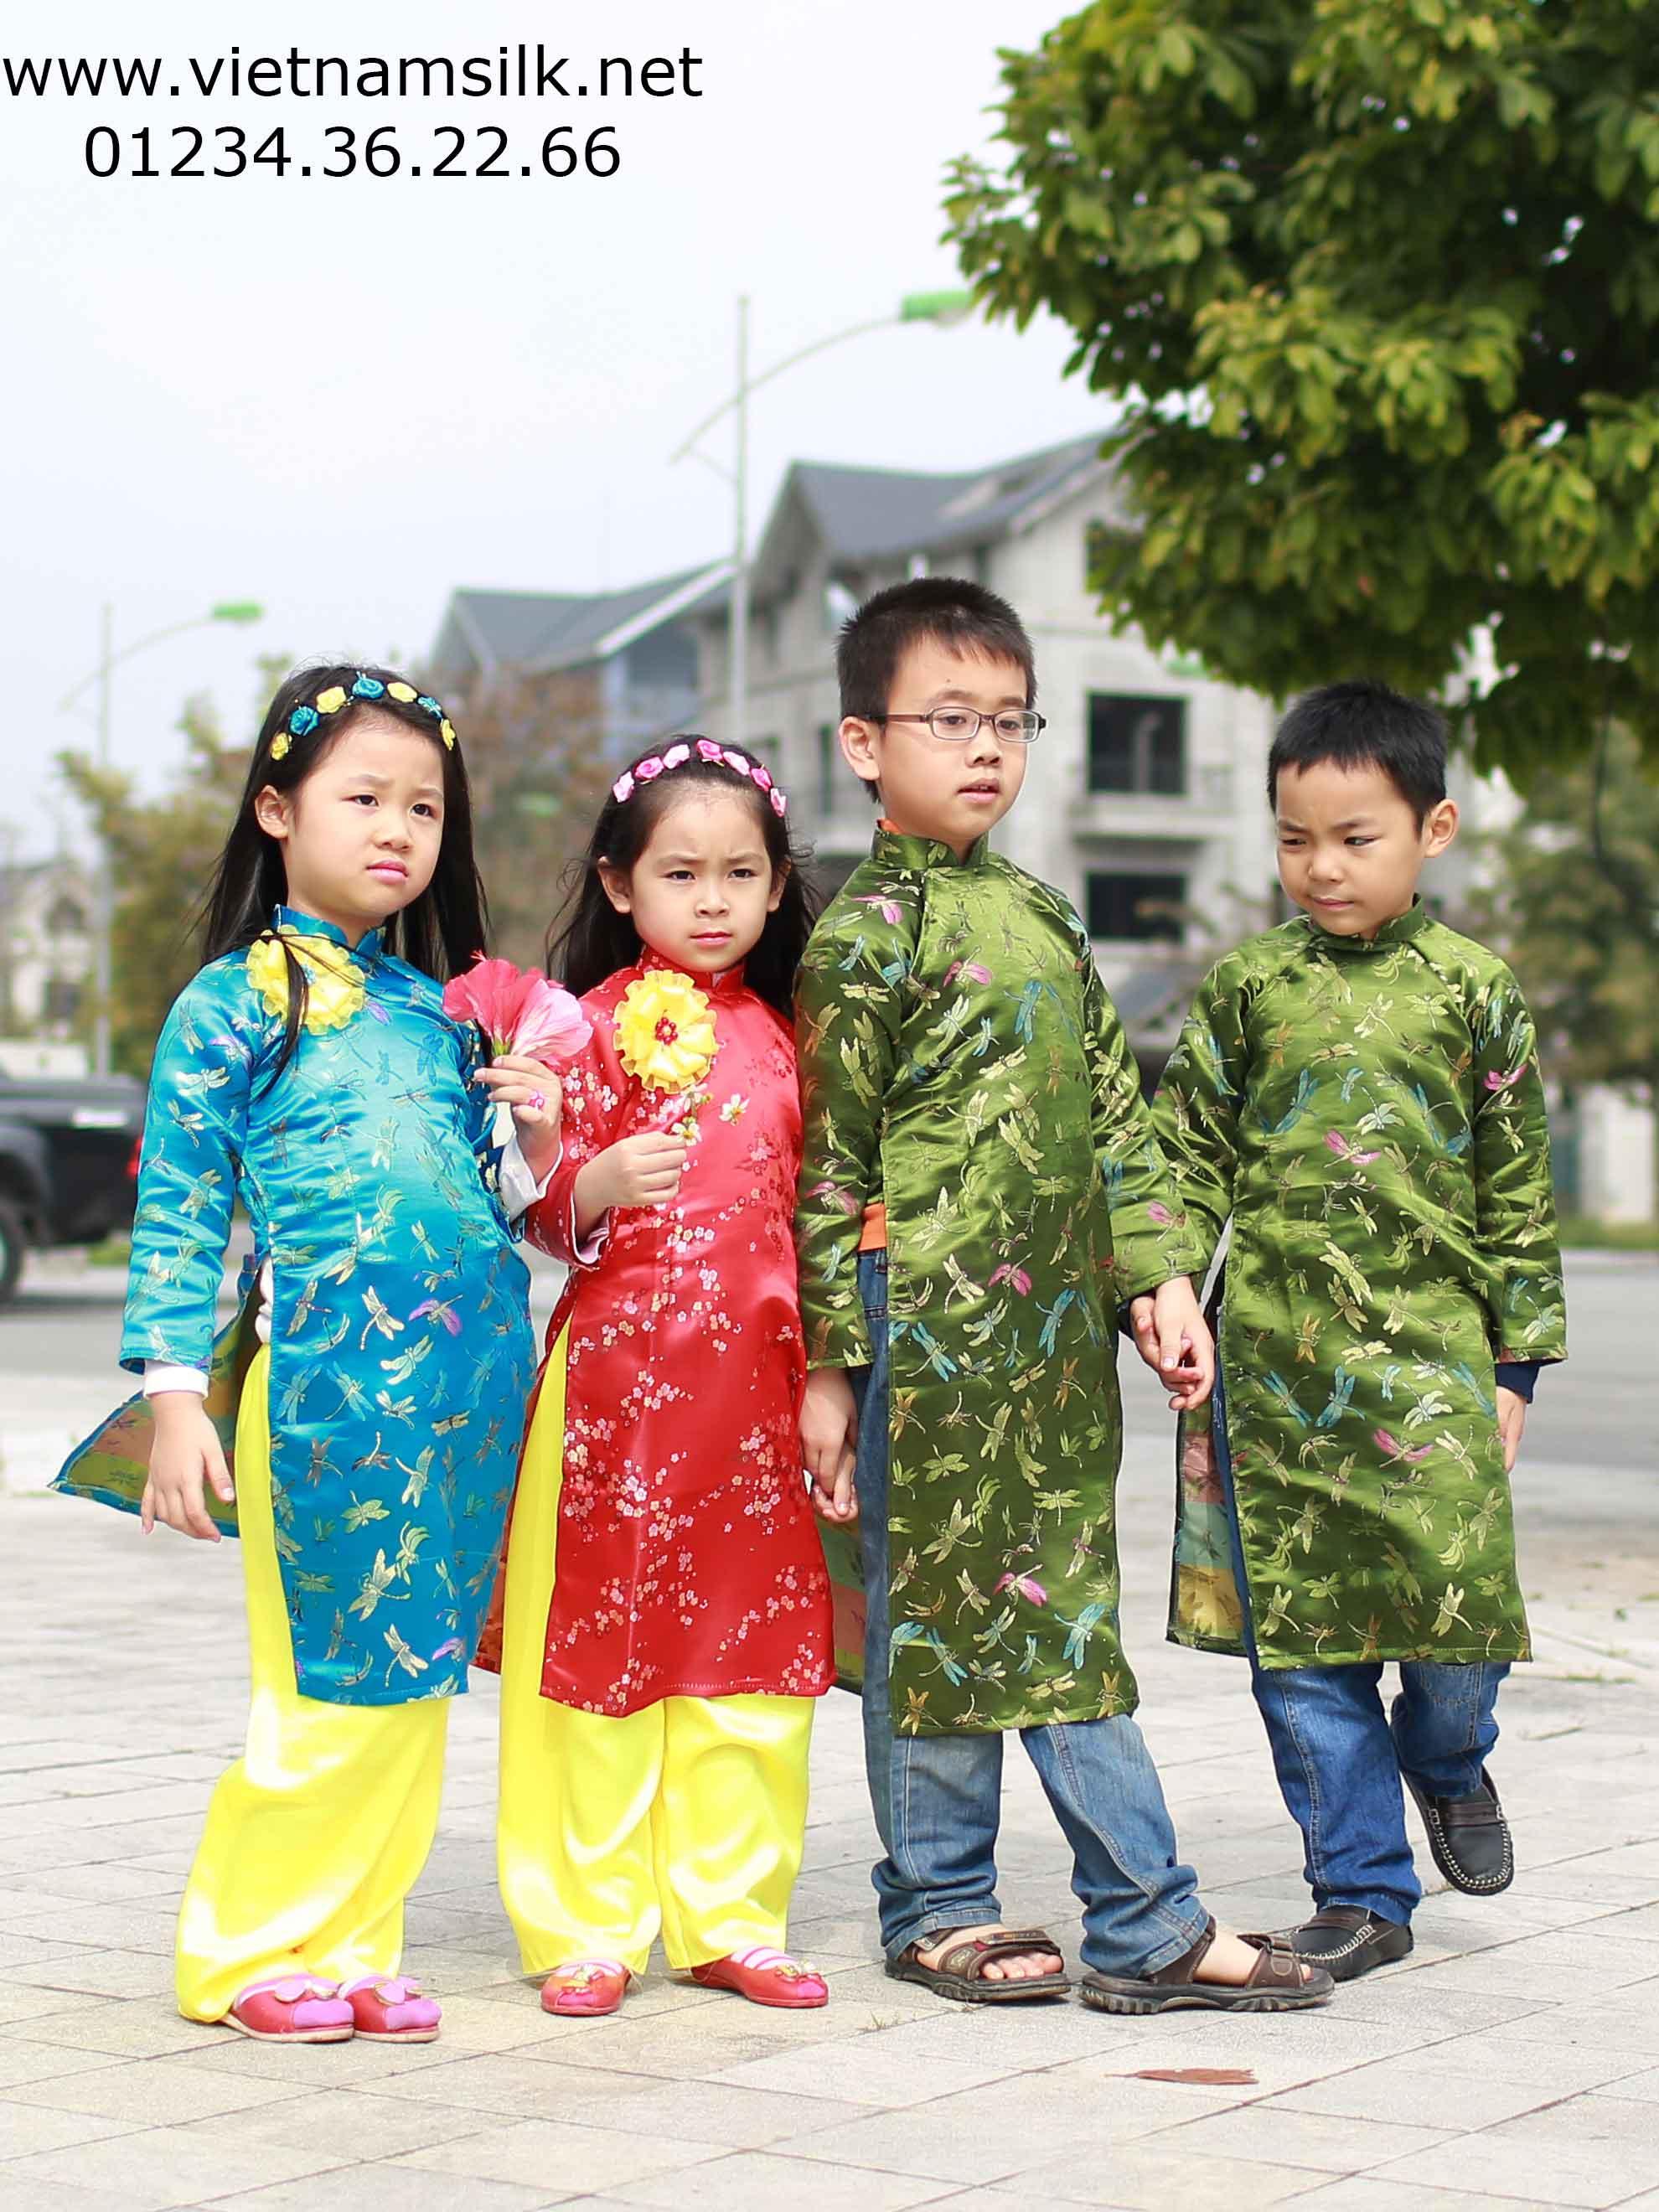 Áo dài họa tiết chuồn chuồn cho bé gái